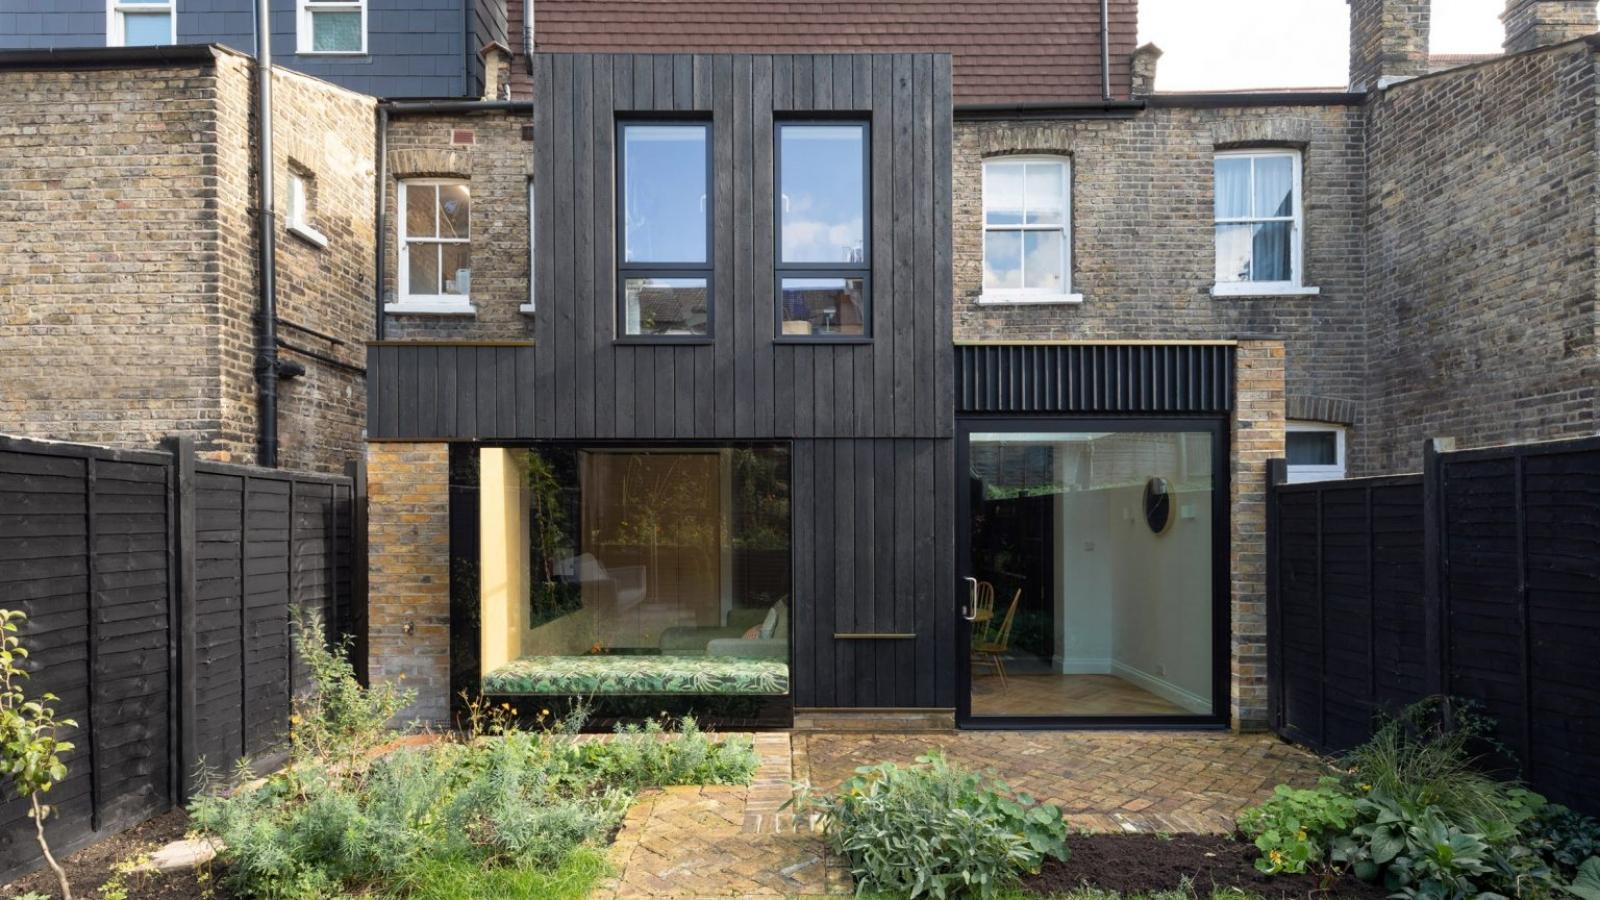 Ngôi nhà ốp gỗ màu đen đẹp cổ kính ở Anh